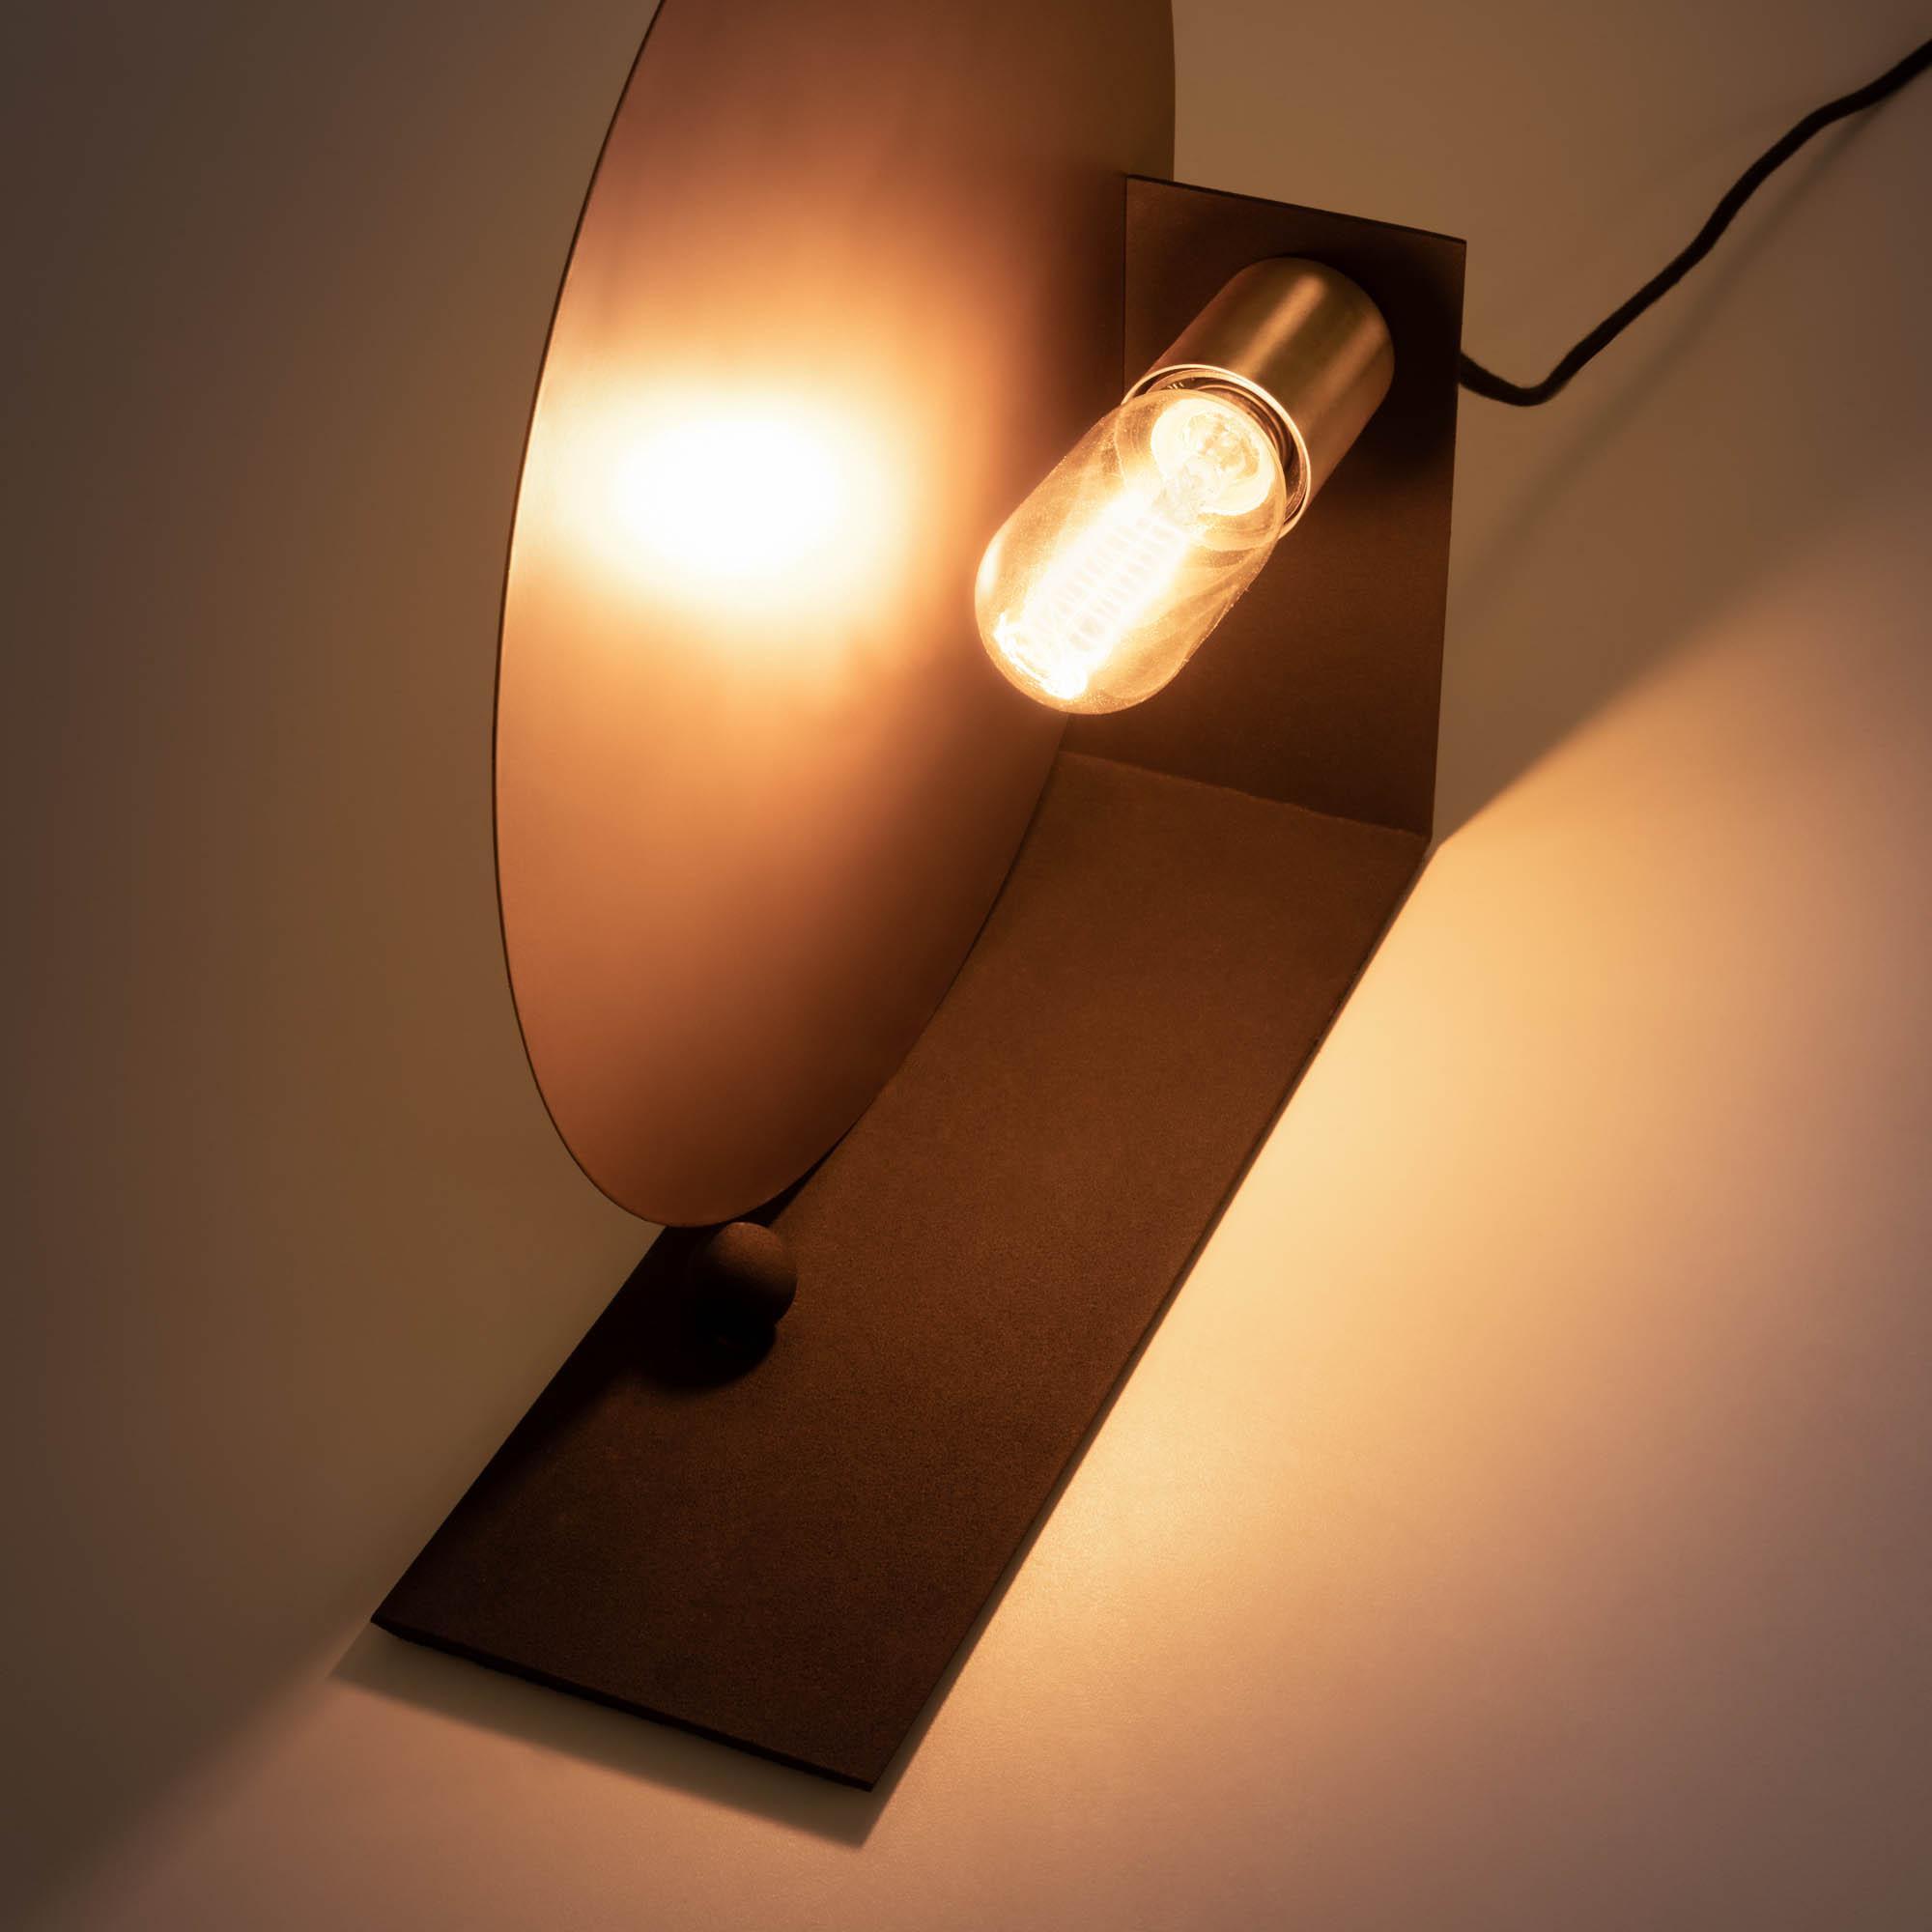 Stahel tafellamp